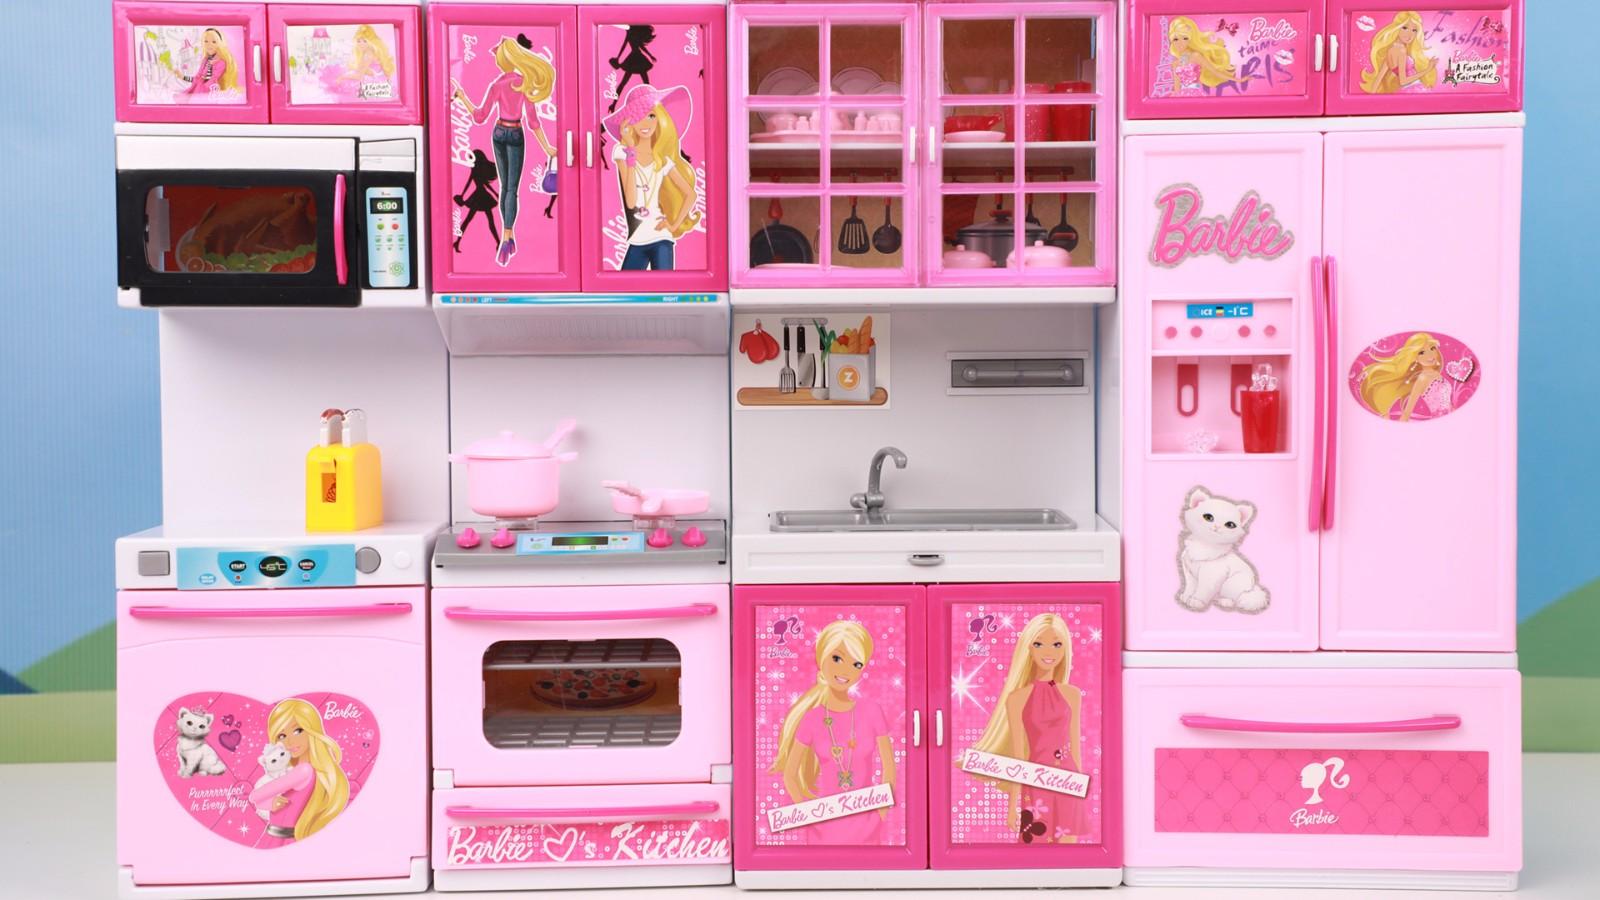 barbie kitchen playset colander 芭比娃娃超豪华厨房玩具分享芭比过家家玩具大全 视频在线观看 动态 芒果tv 09 23 芭比娃娃超豪华厨房